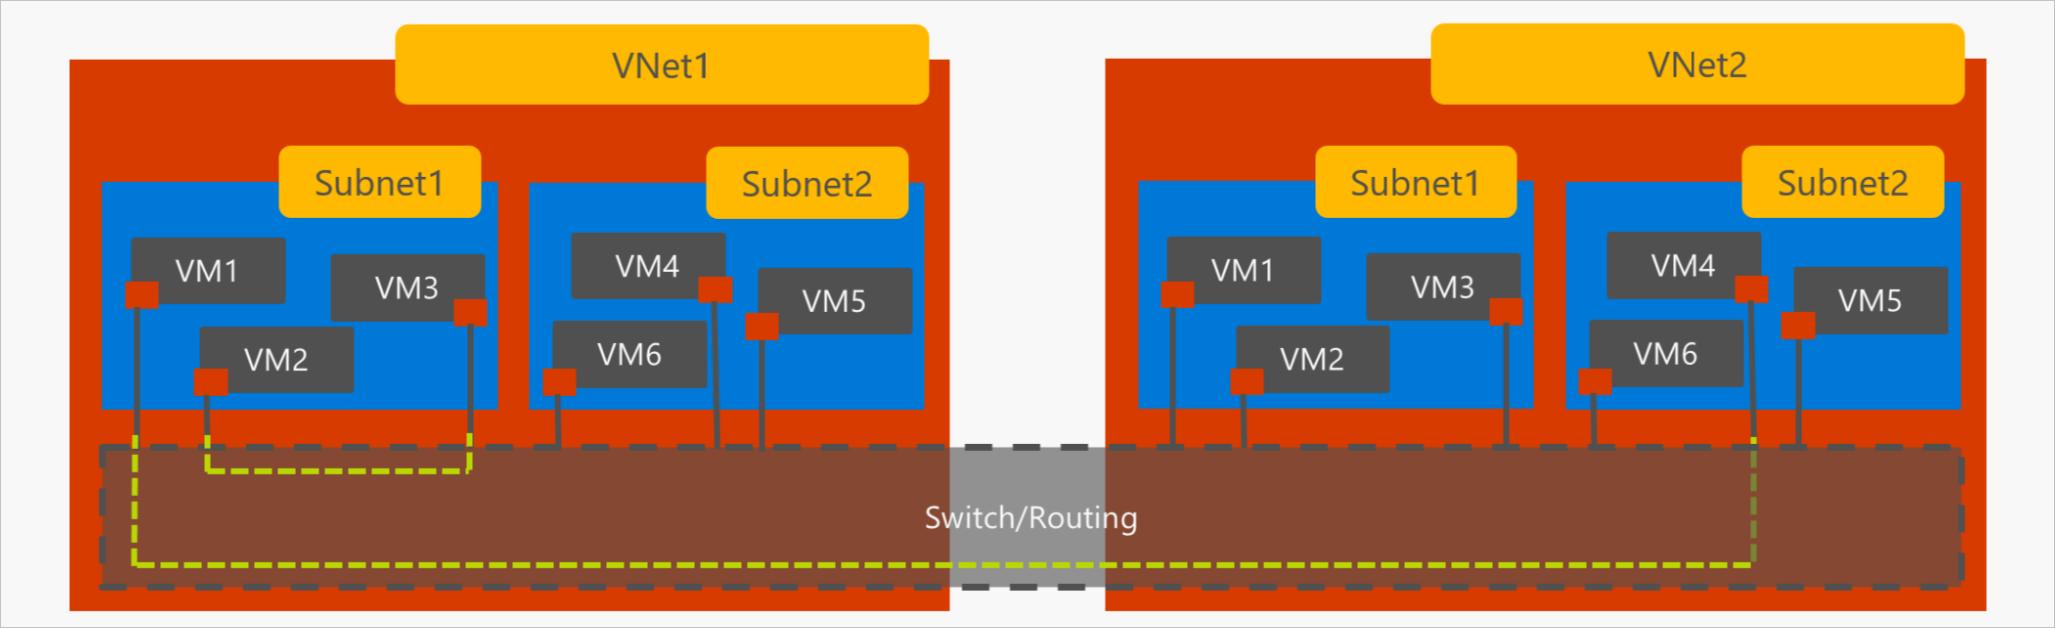 5.VNet-VNet-Peering-2-VNets_thumb[2]